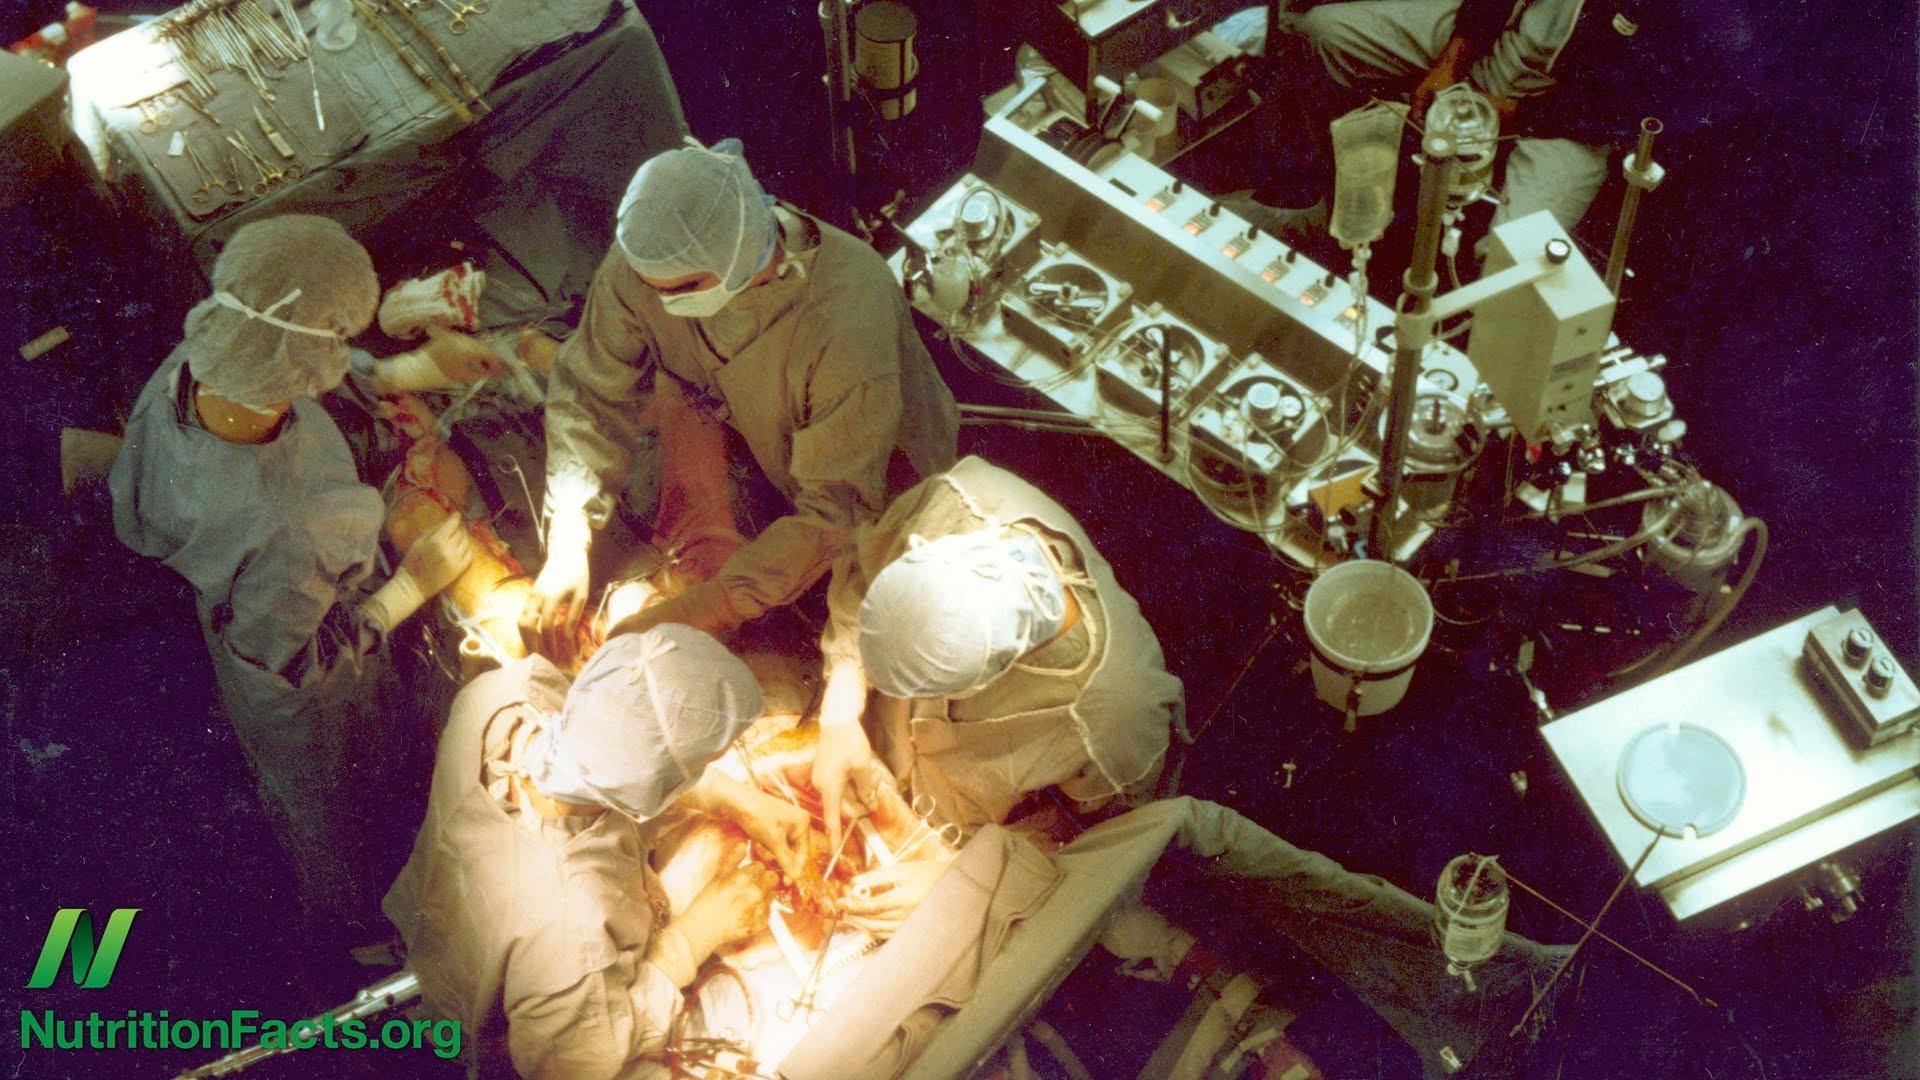 Resuscitating Medicare